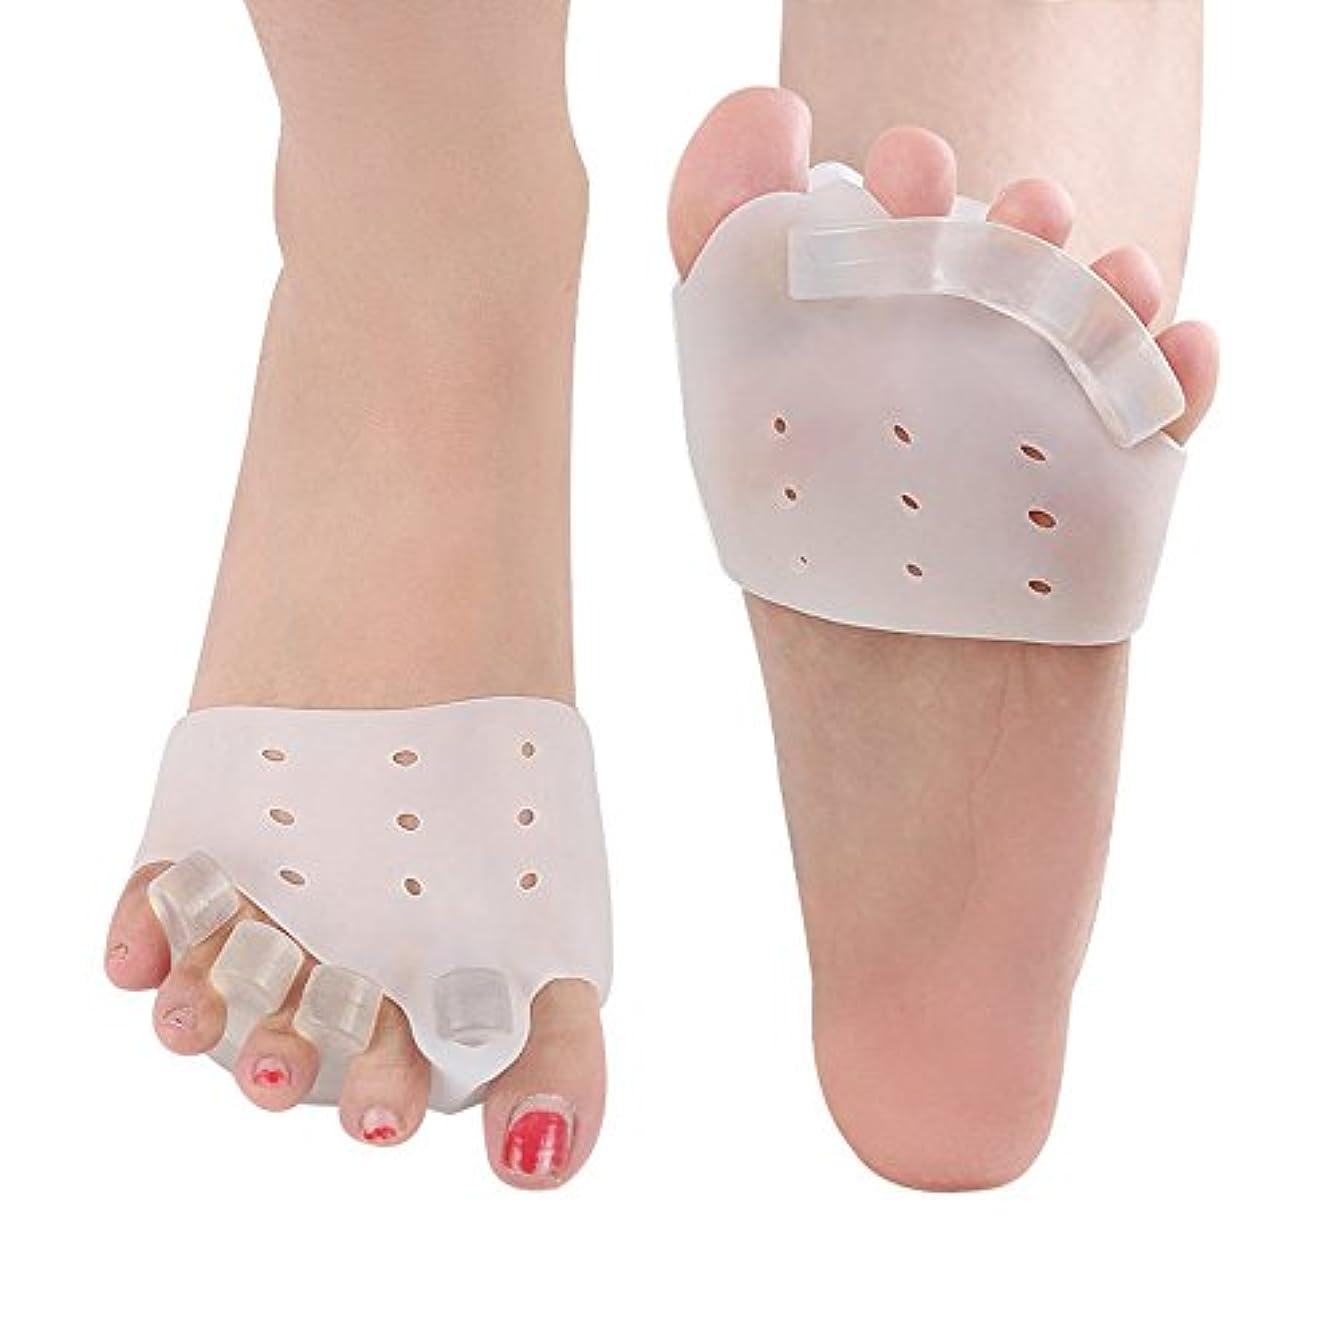 大事にするリンス主に5ペア/セットバニオンプロテクターつま先矯正シリコーンつま先セパレータ親指足ケア足の痛み外反母趾ツール